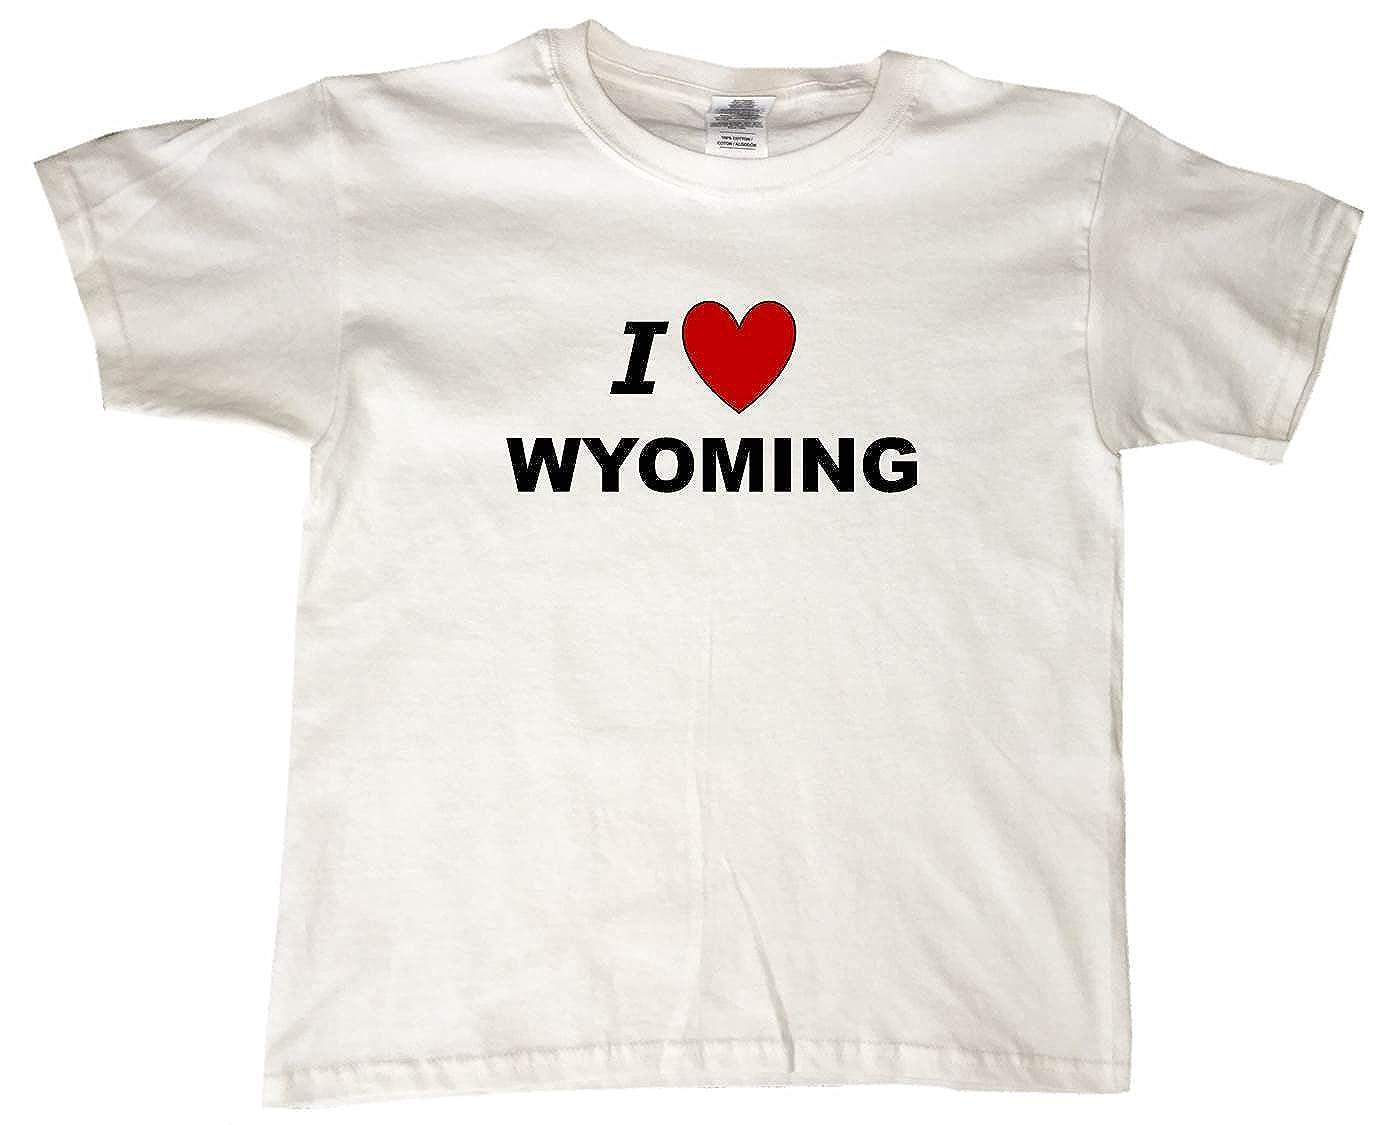 I LOVE WYOMING - BigBoyMusic Youth Designs - White T-shirt